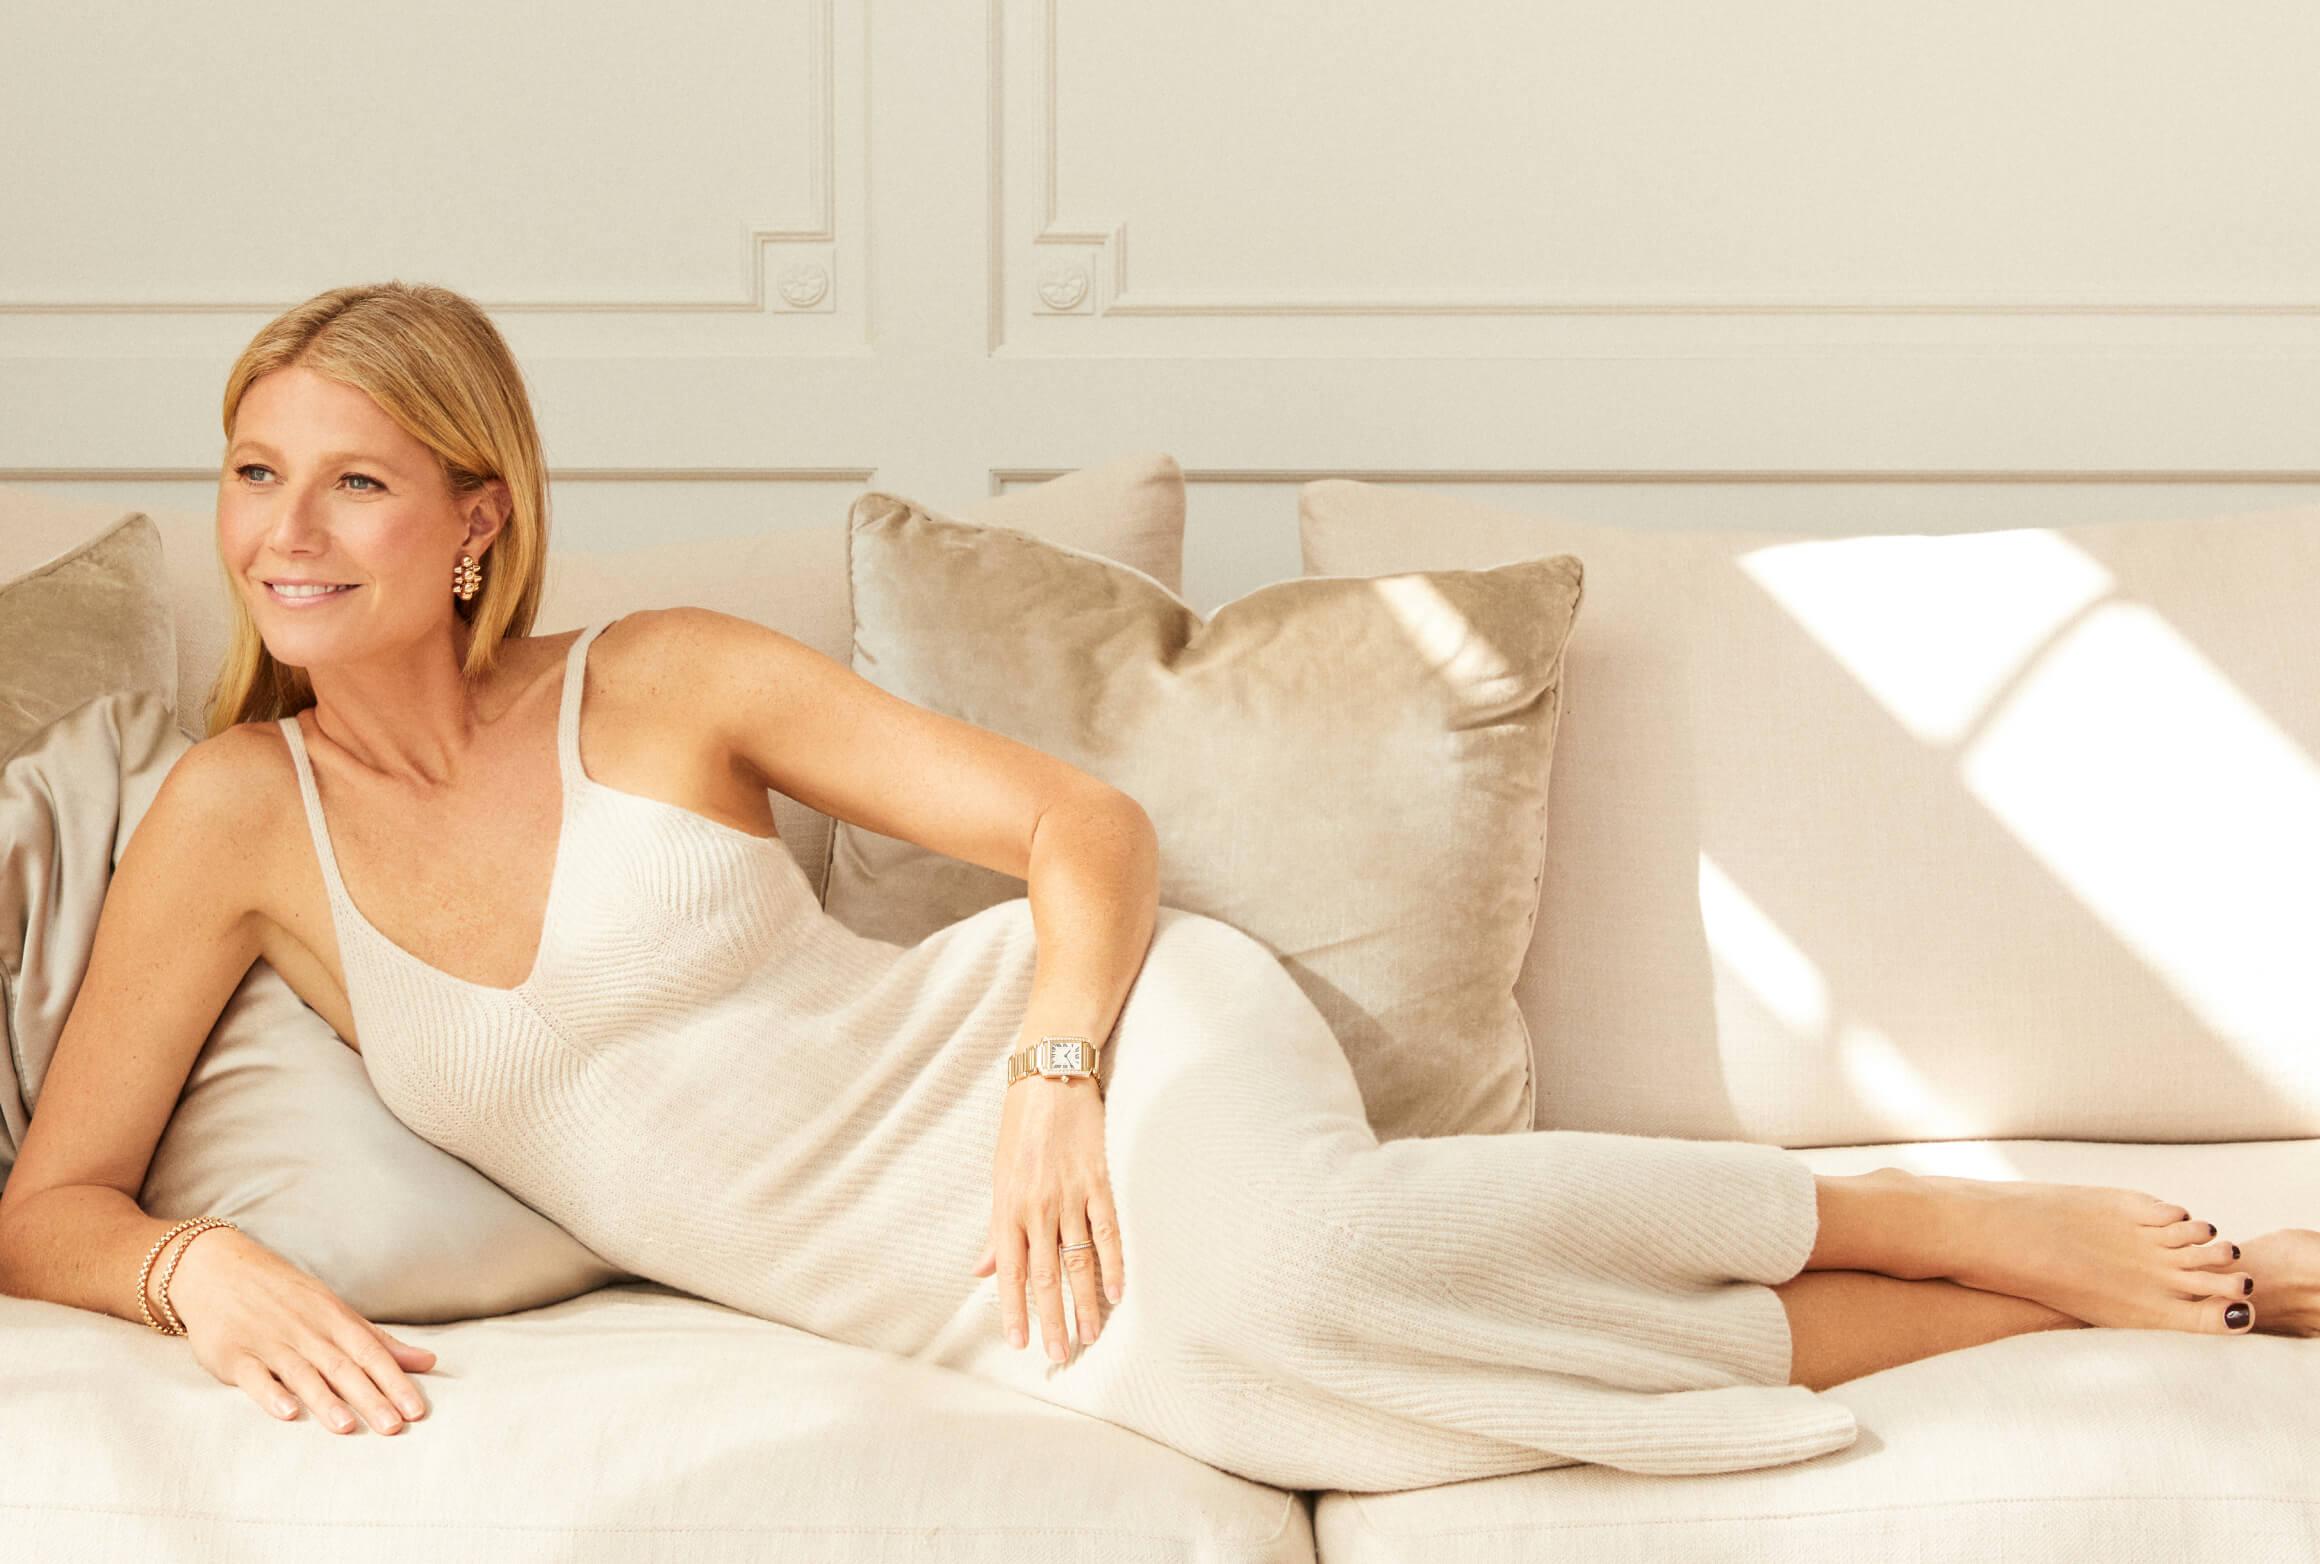 Gwyneth lounging